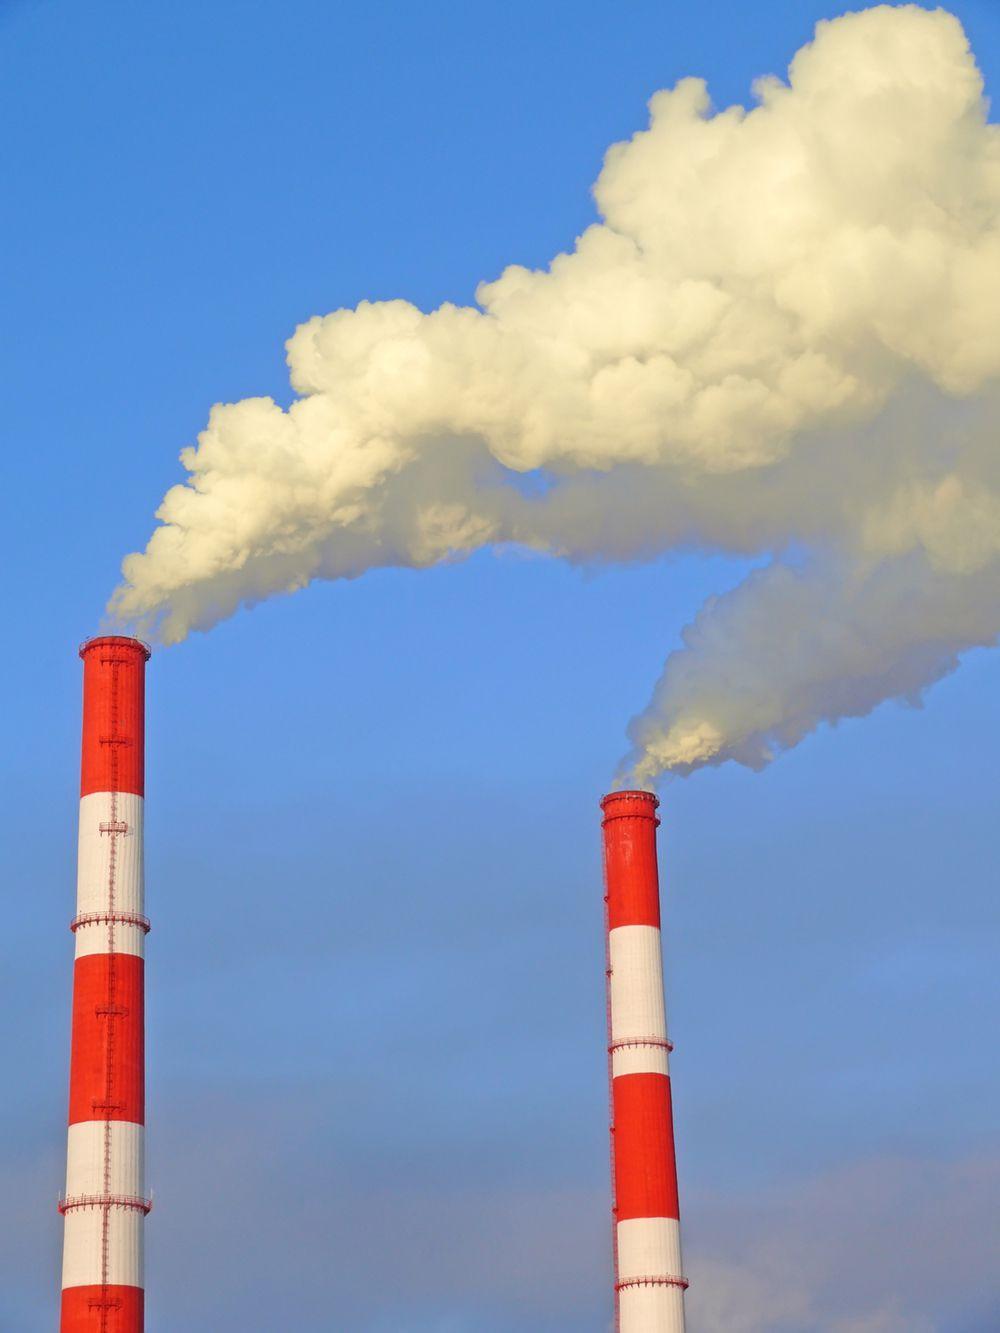 Оцінка впливів на довкілля (ОВД)                                                                             - Фото №3